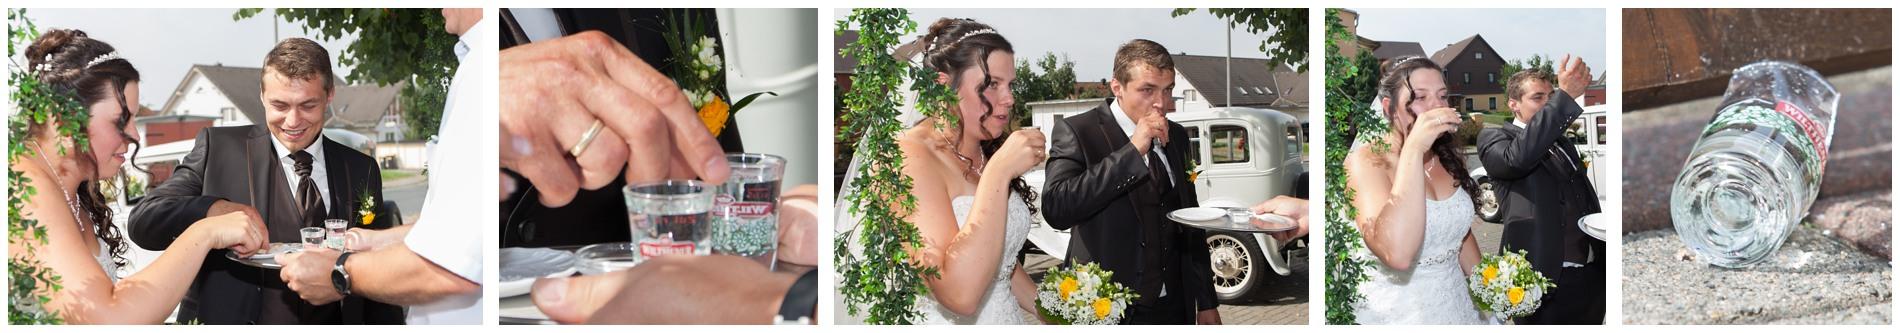 Hochzeitstraditionen in Deutschland – Hochzeitsbräuche in Thüringen